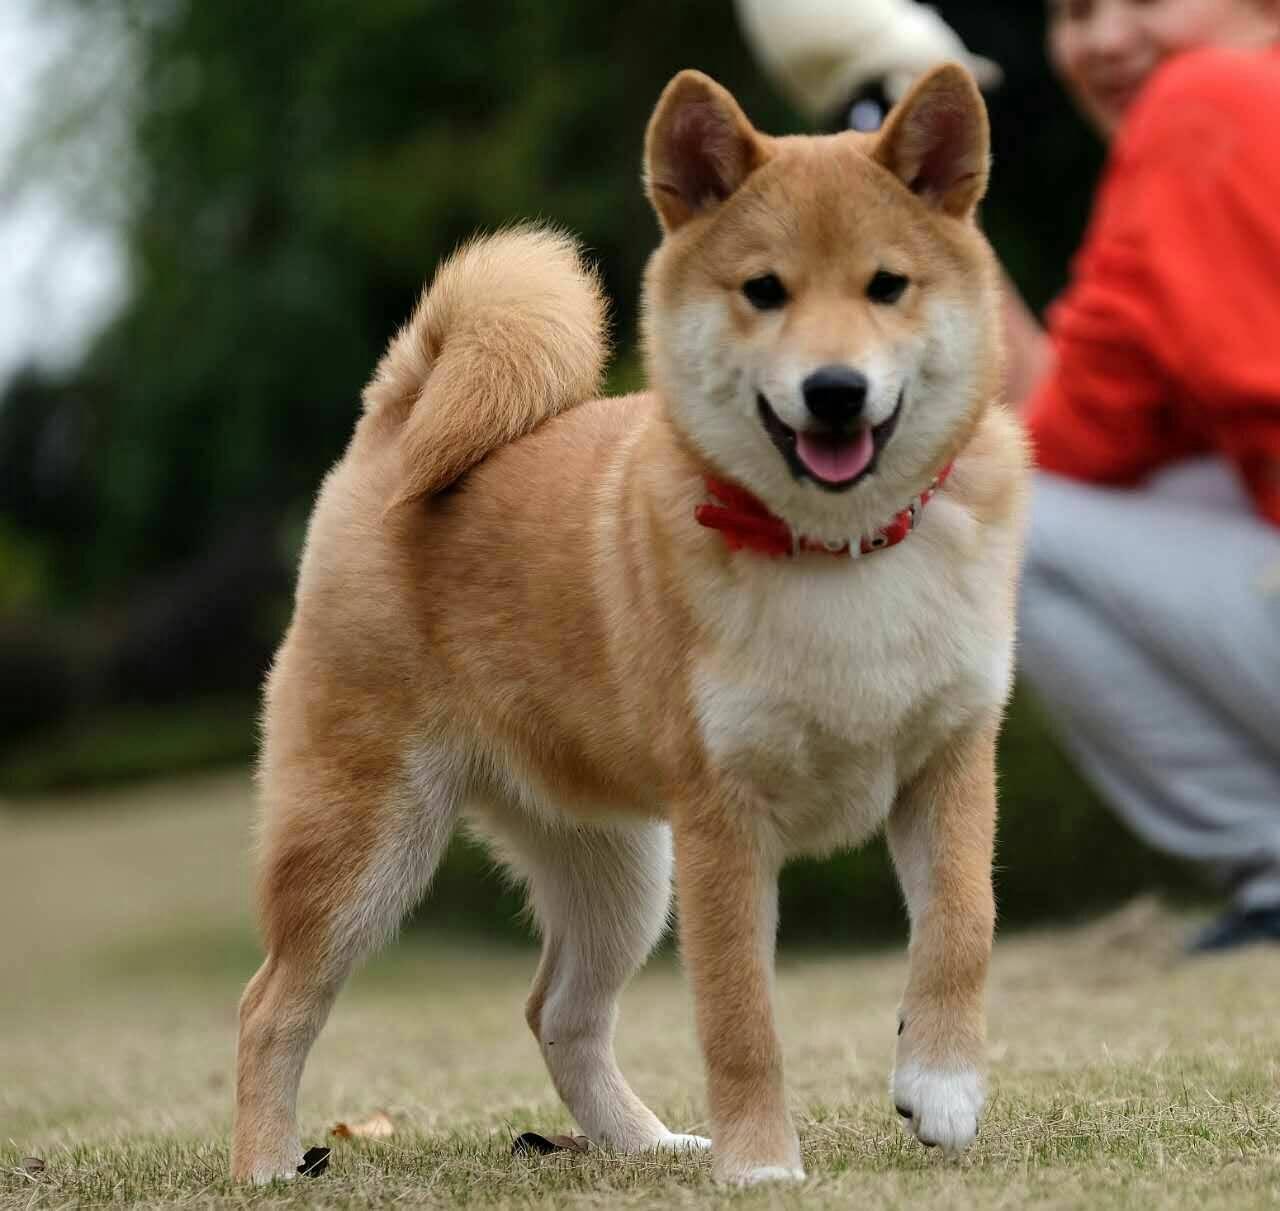 柴犬wink表情表情动态包揍求图片